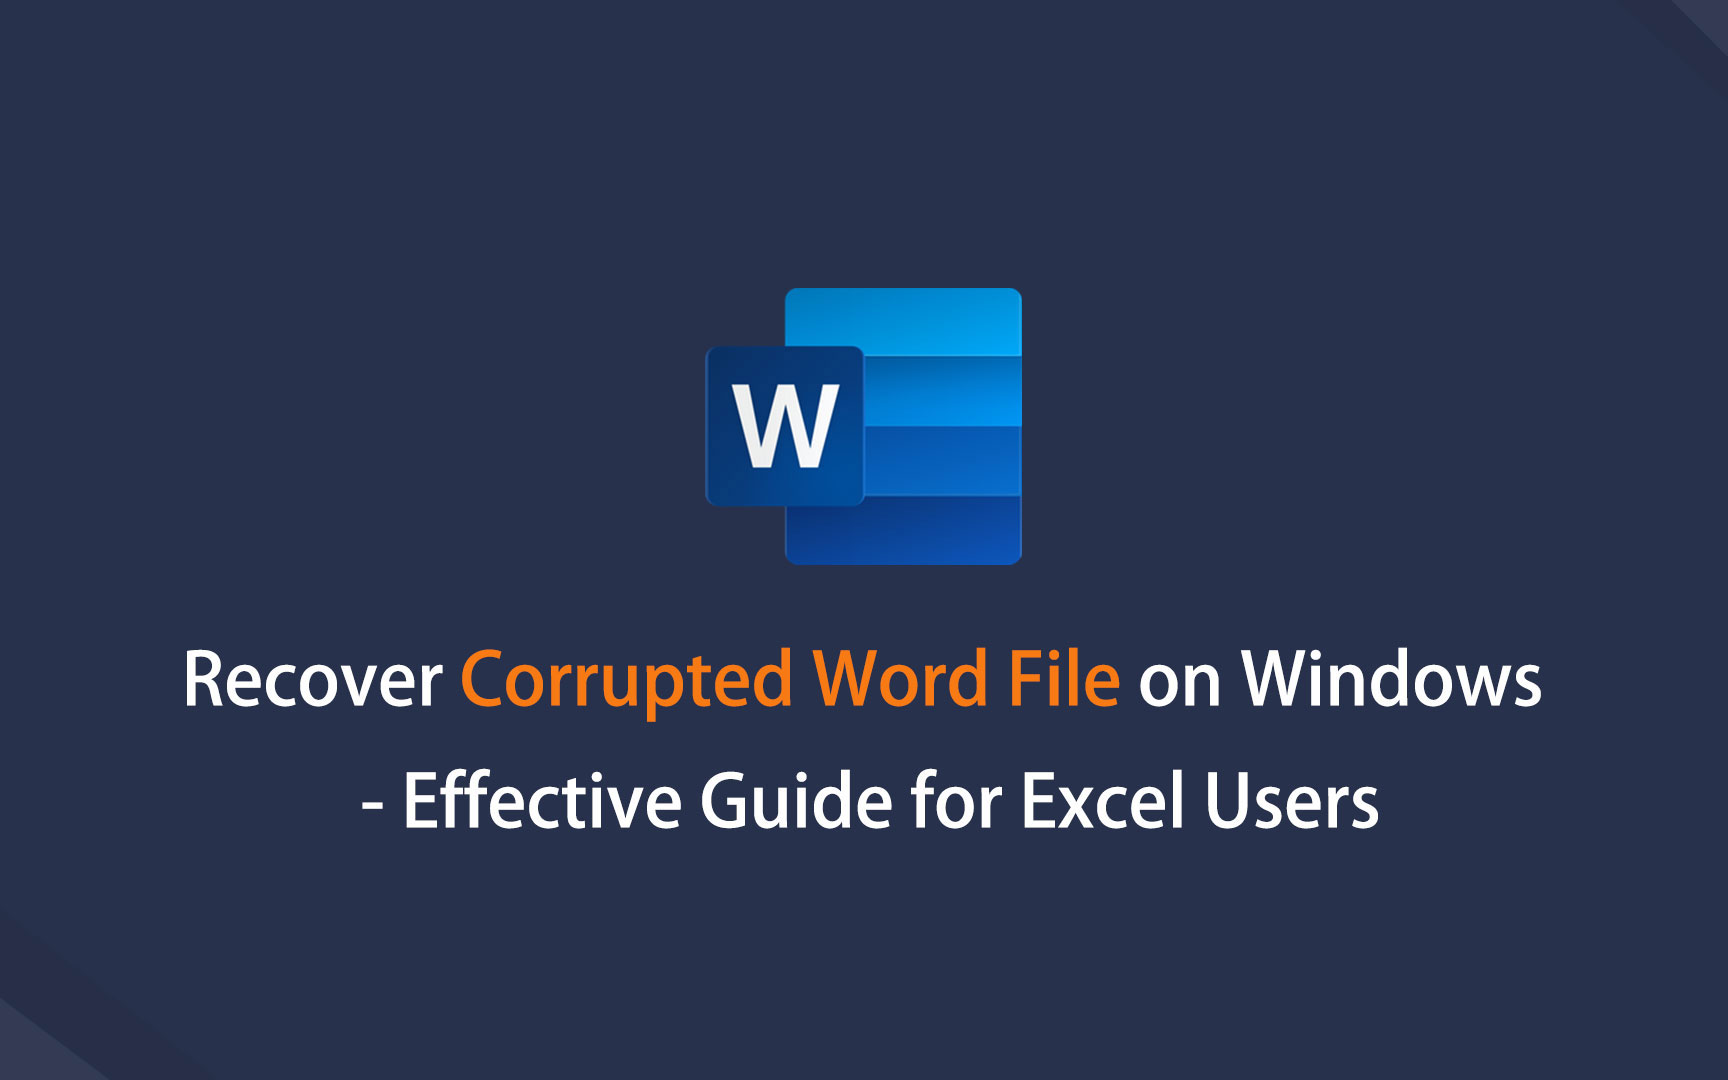 Windowsで破損したWordファイルを回復する